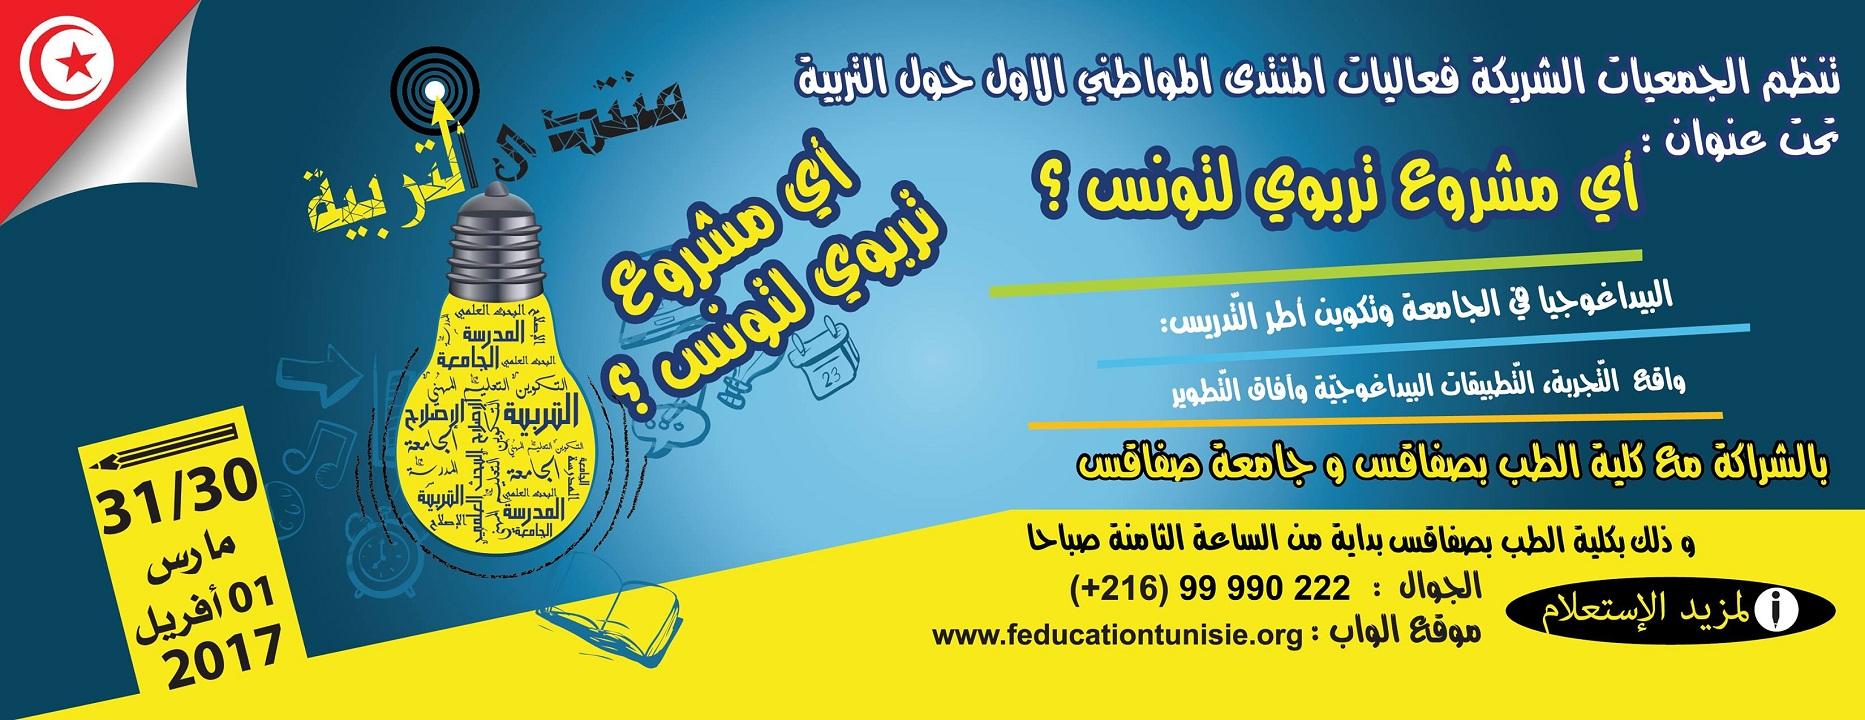 منتدى ضخم تقوده لجنة علمية تونسية دولية - الدعوة إلى إنشاء كلية علوم تربية بجامعة صفاقس